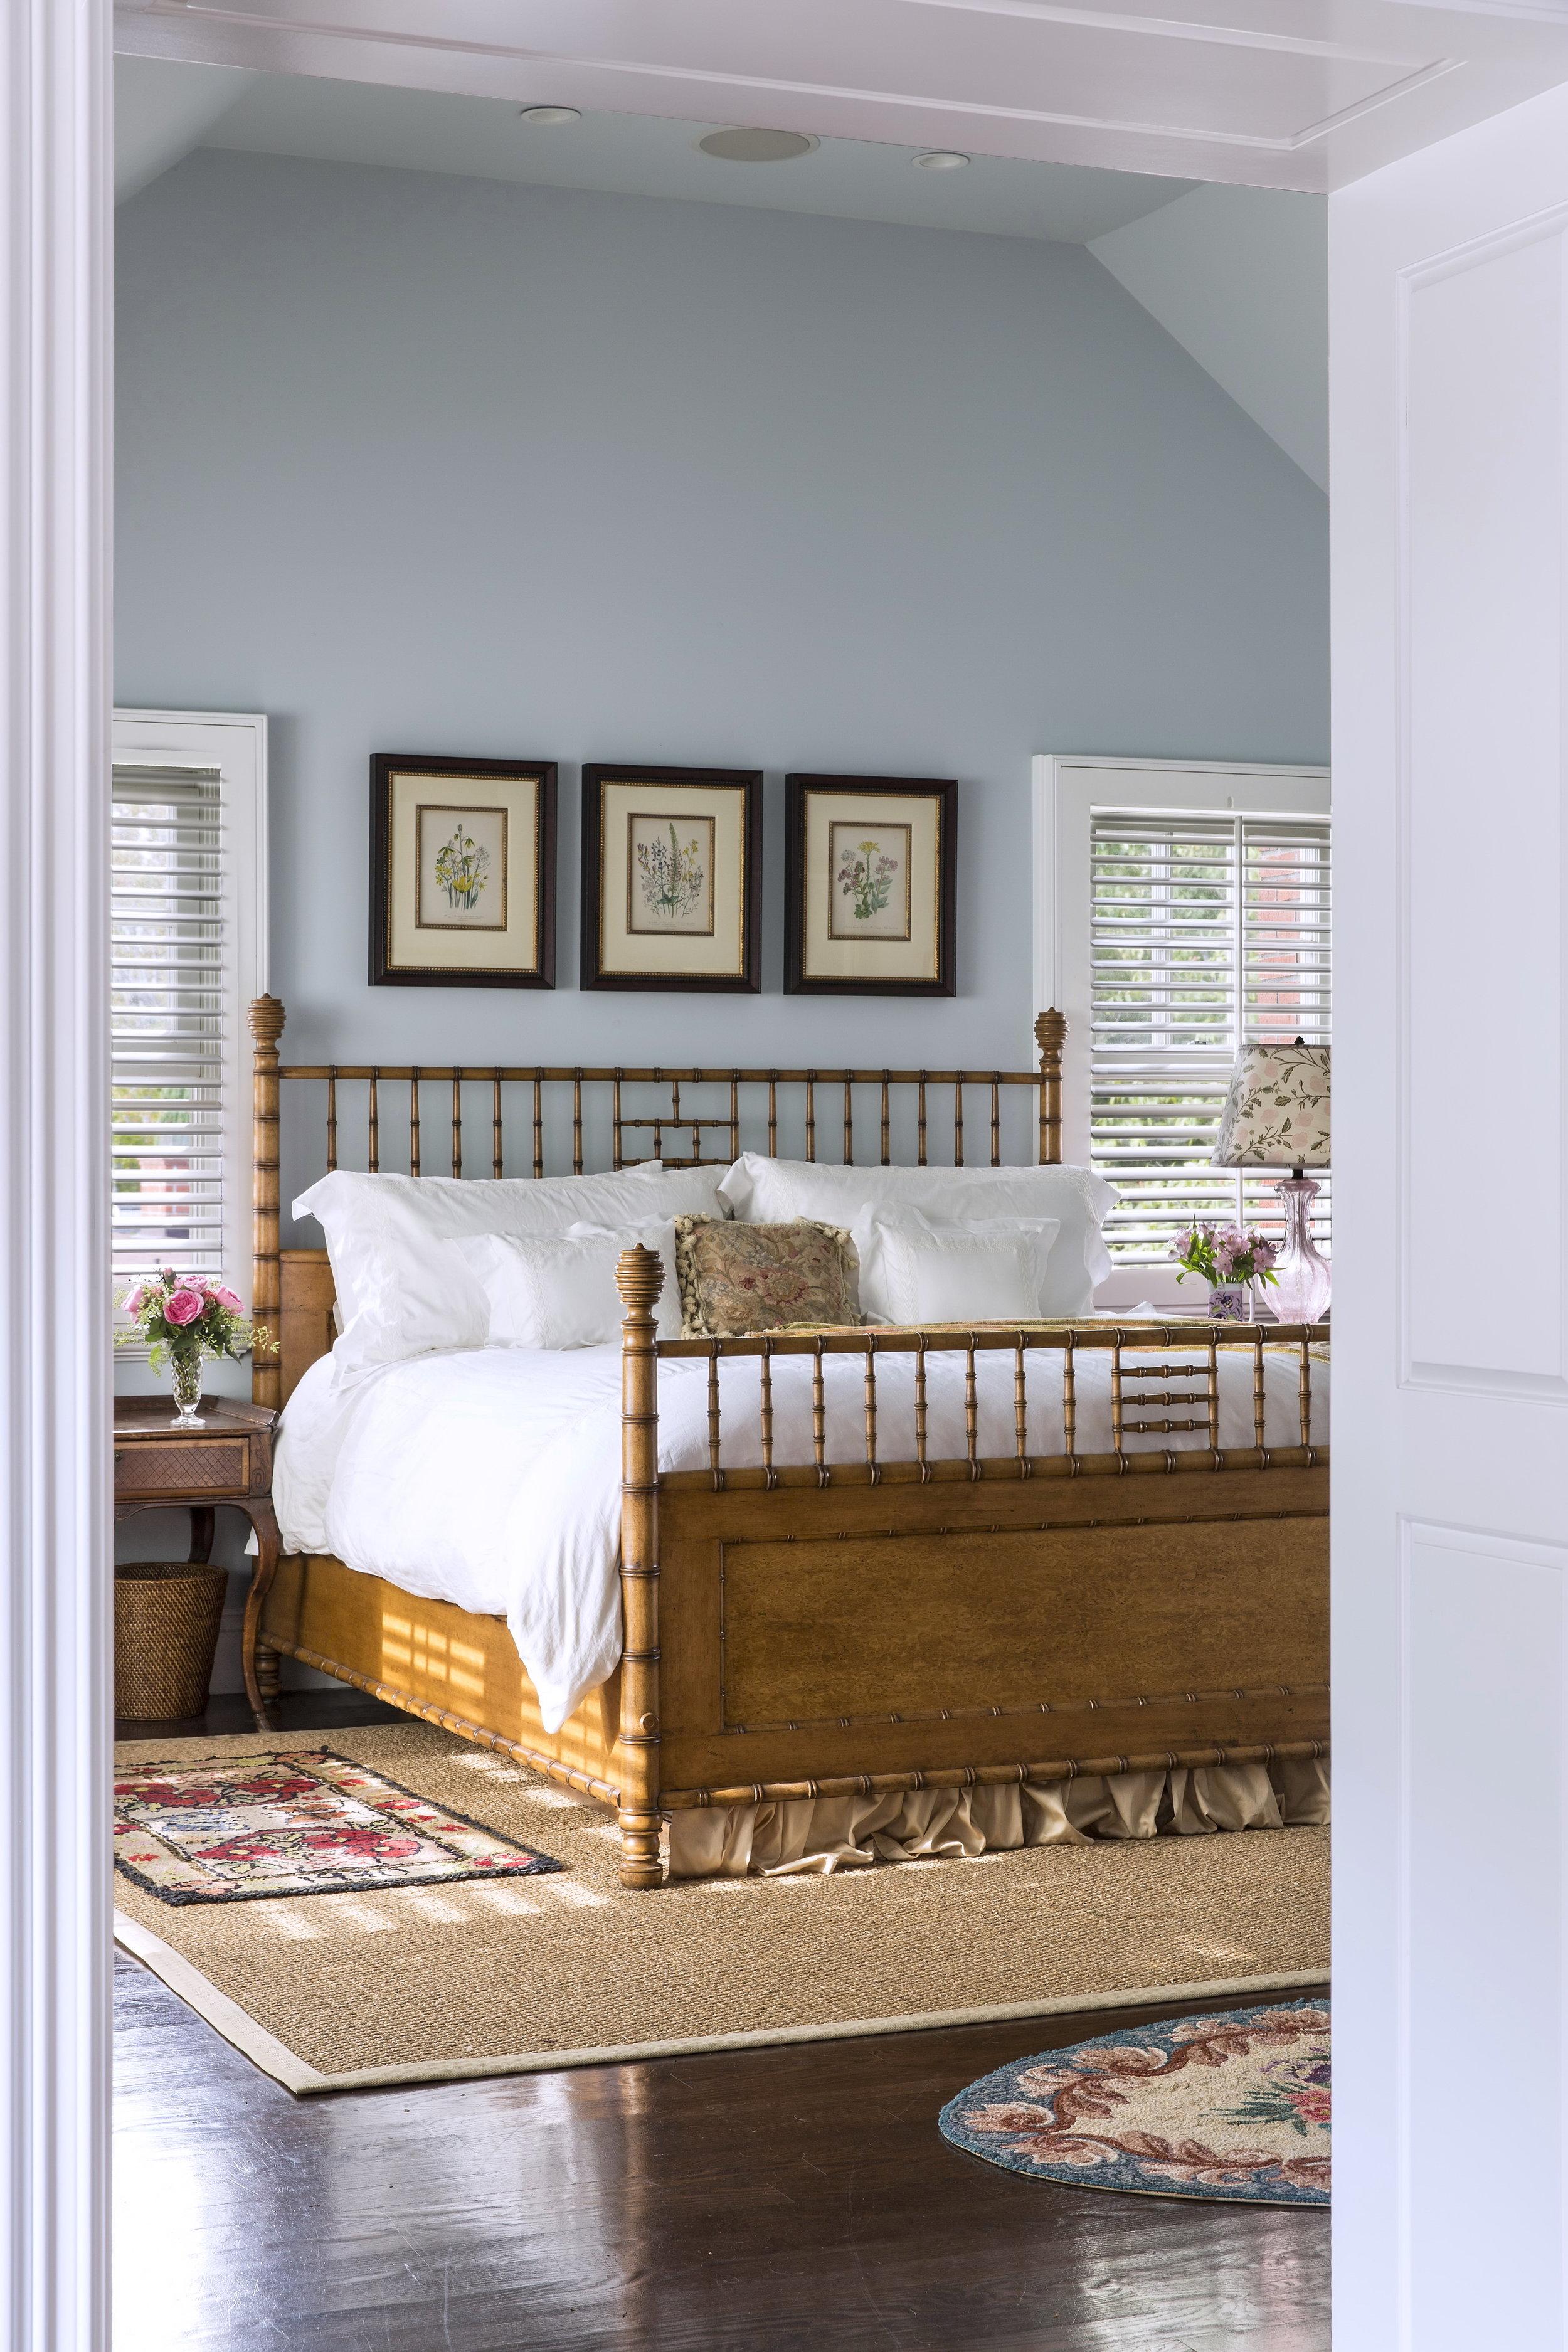 17 Master Bedroom_U8A2144 as Smart Object-1.jpg